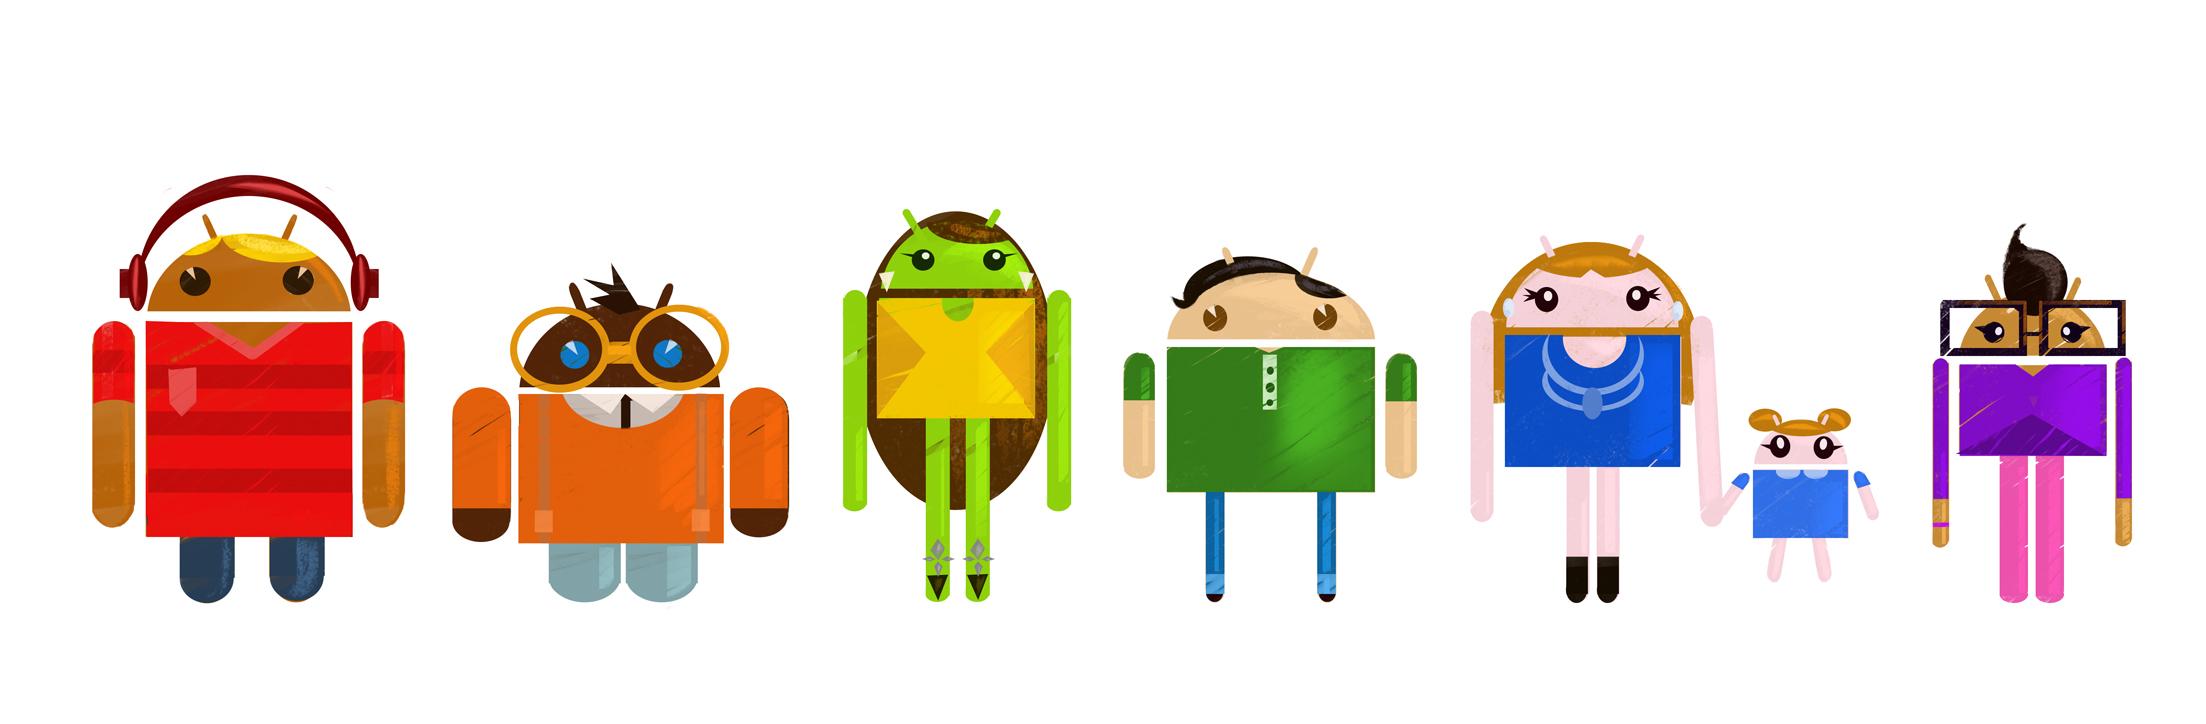 Custom Print for Google!